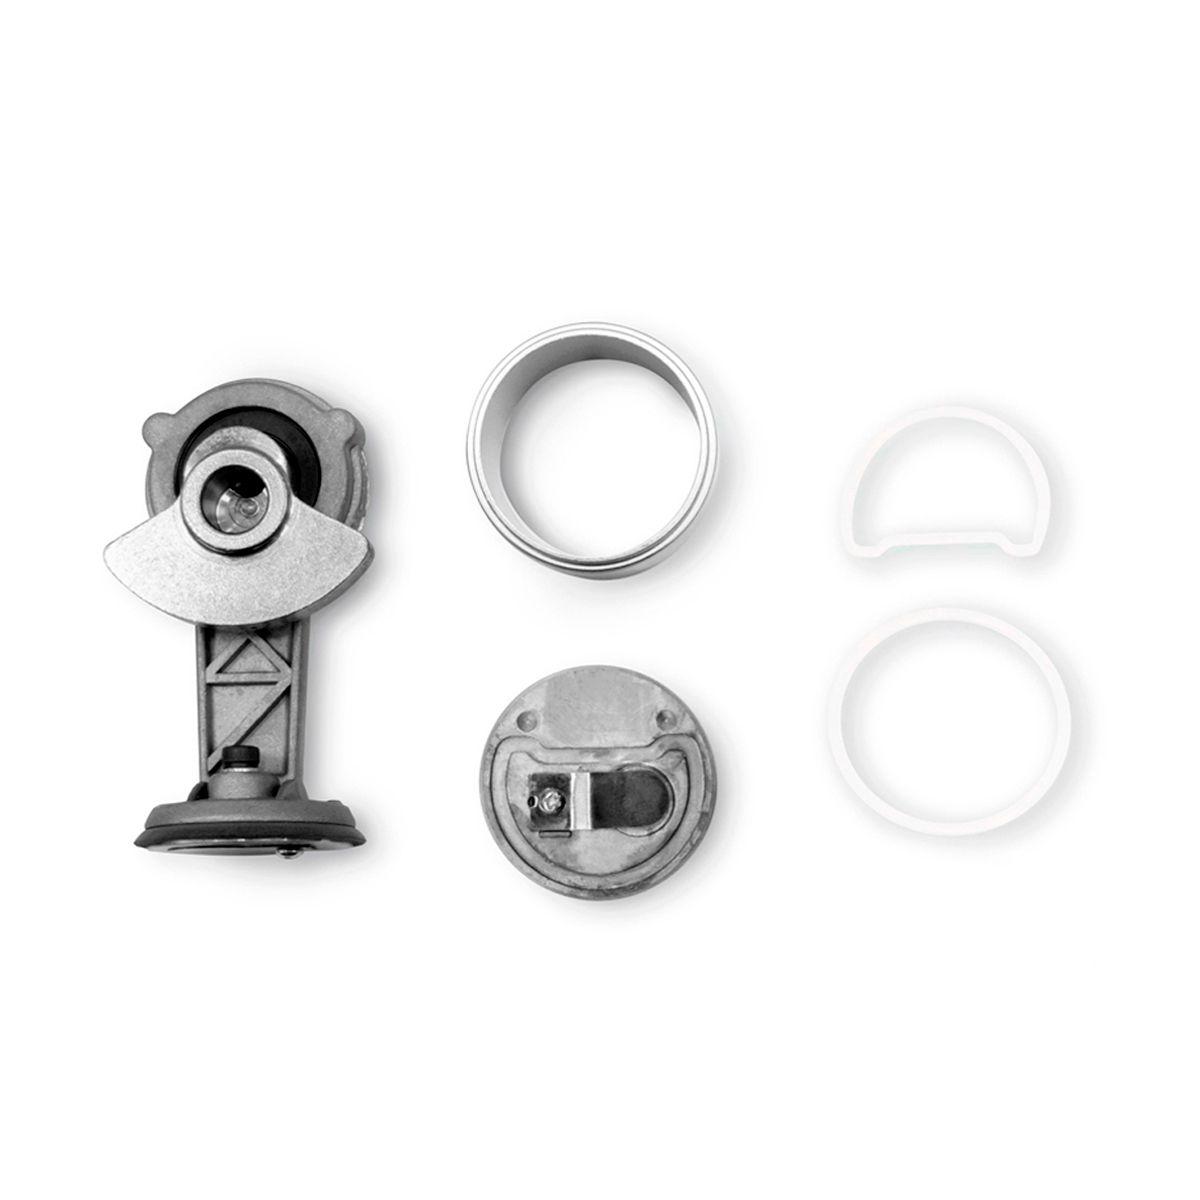 Kit Reparo Compressor Mod. 480c